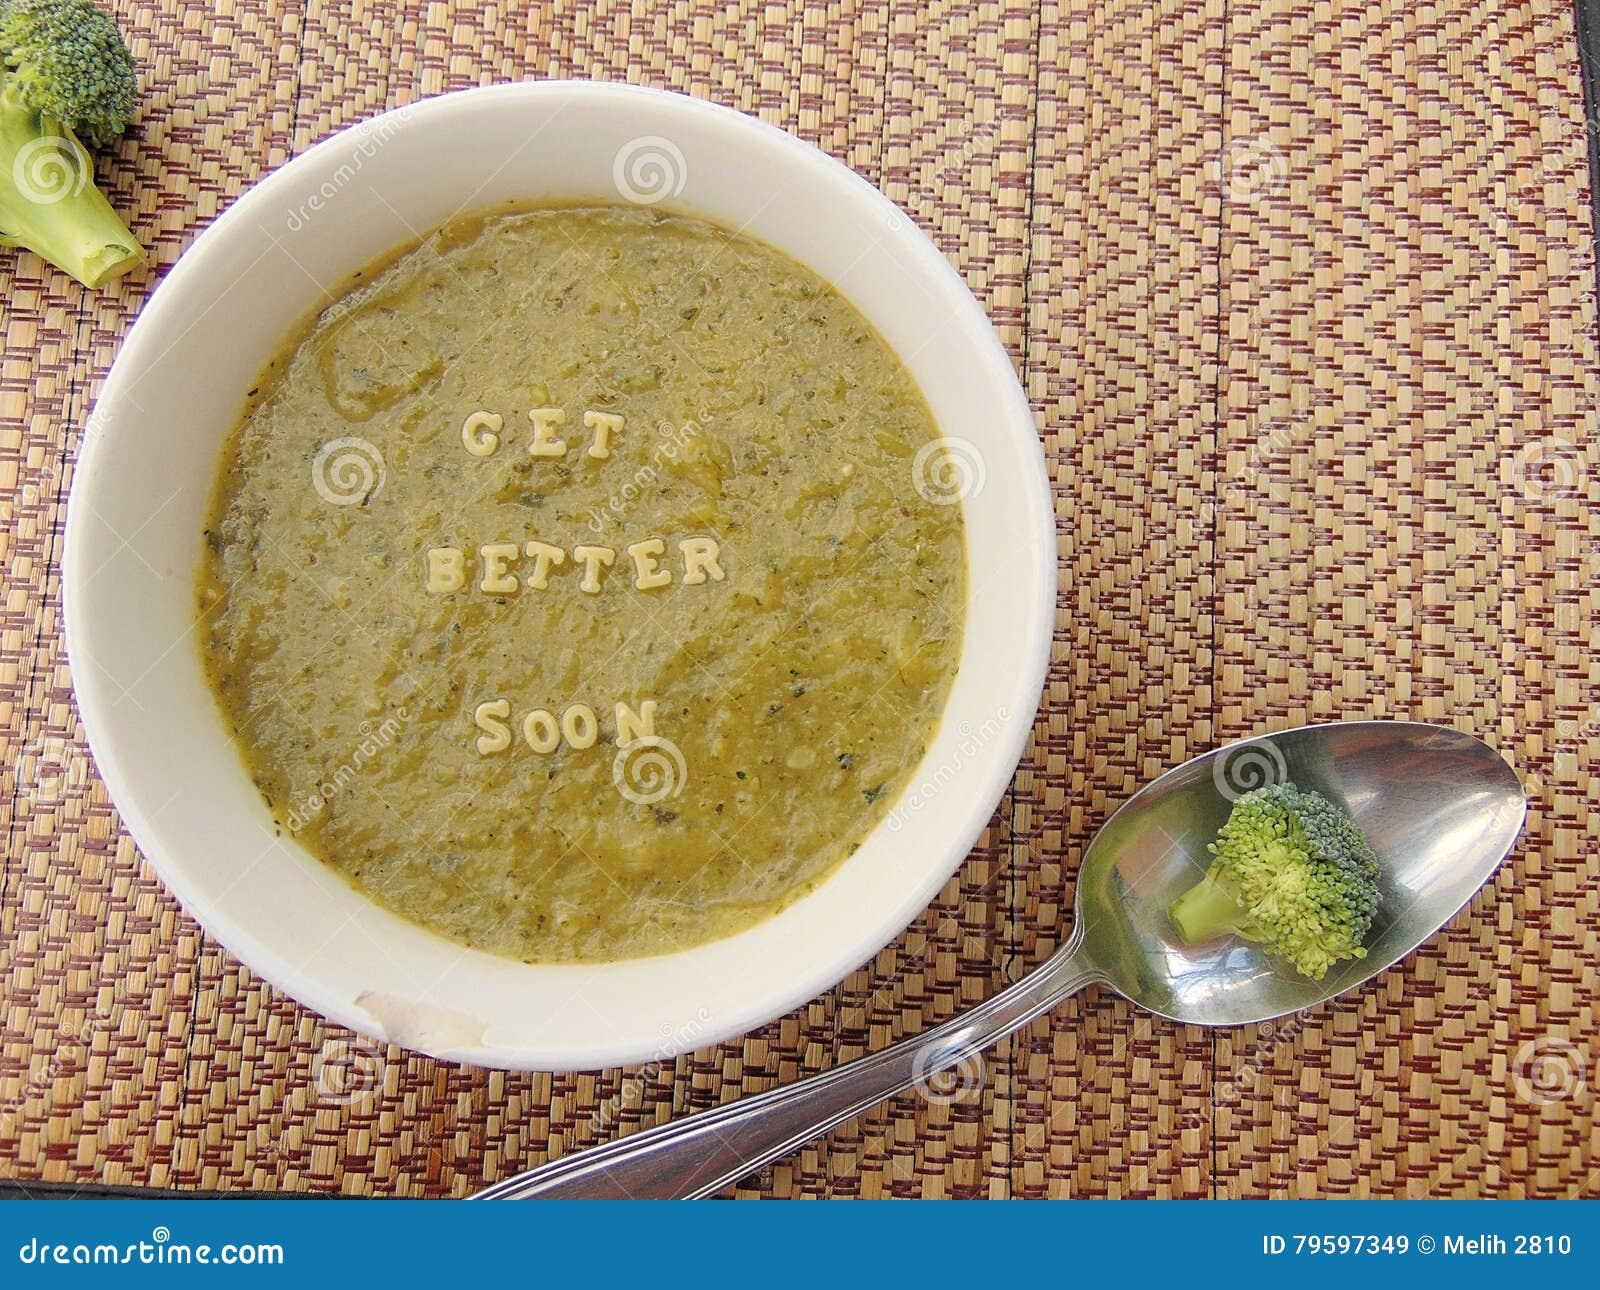 Obtenez meilleur bientôt écrit en potage aux légumes avec la cuillère